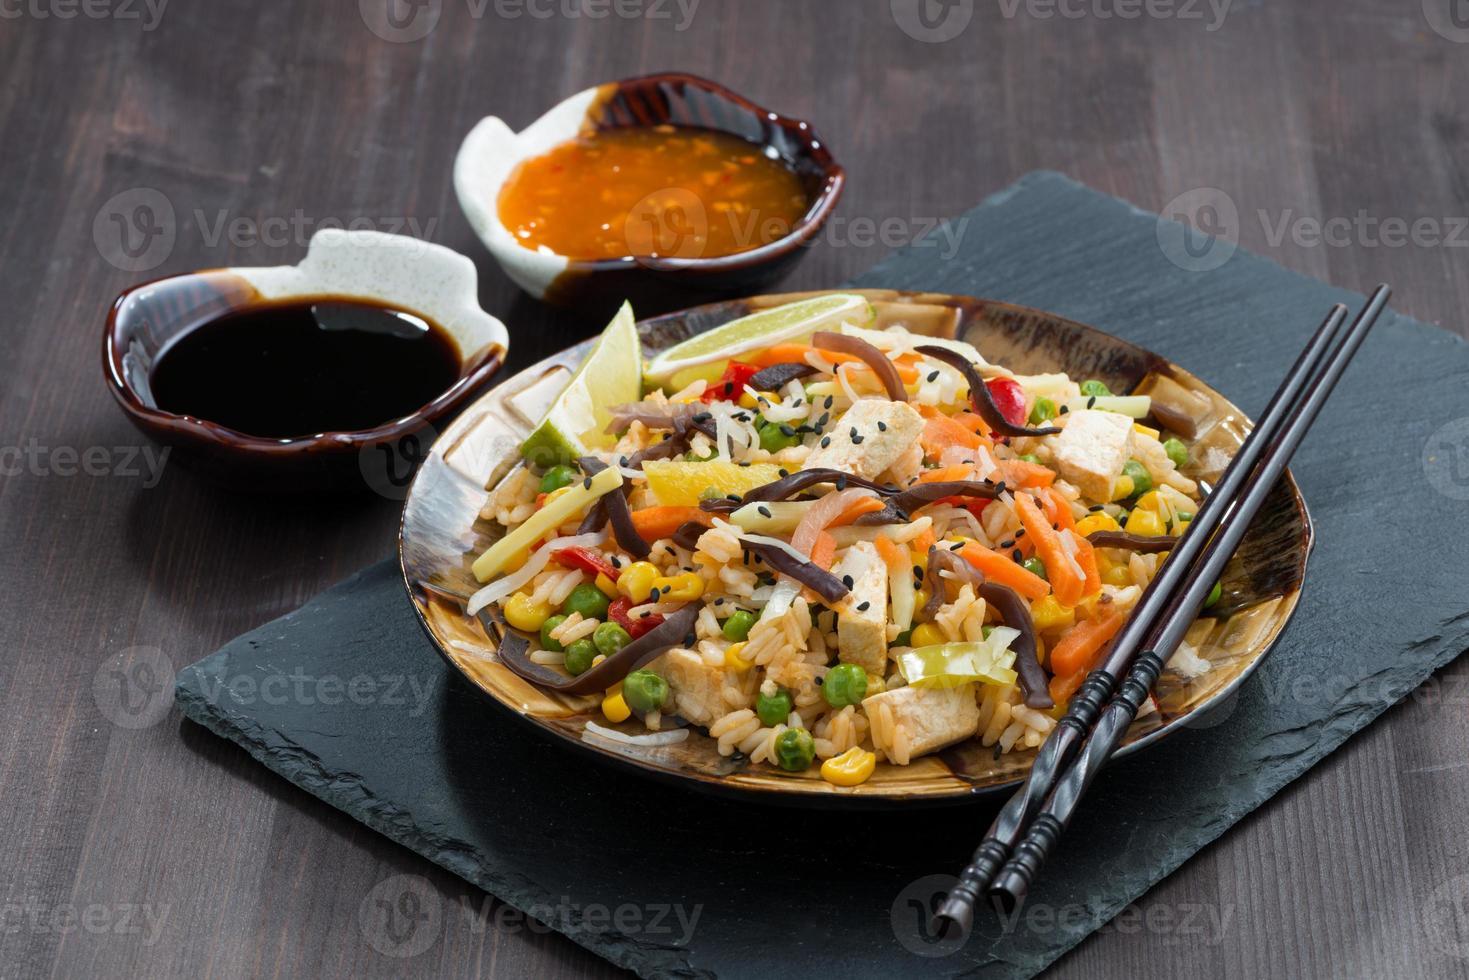 arroz frito com tofu, legumes e molhos foto